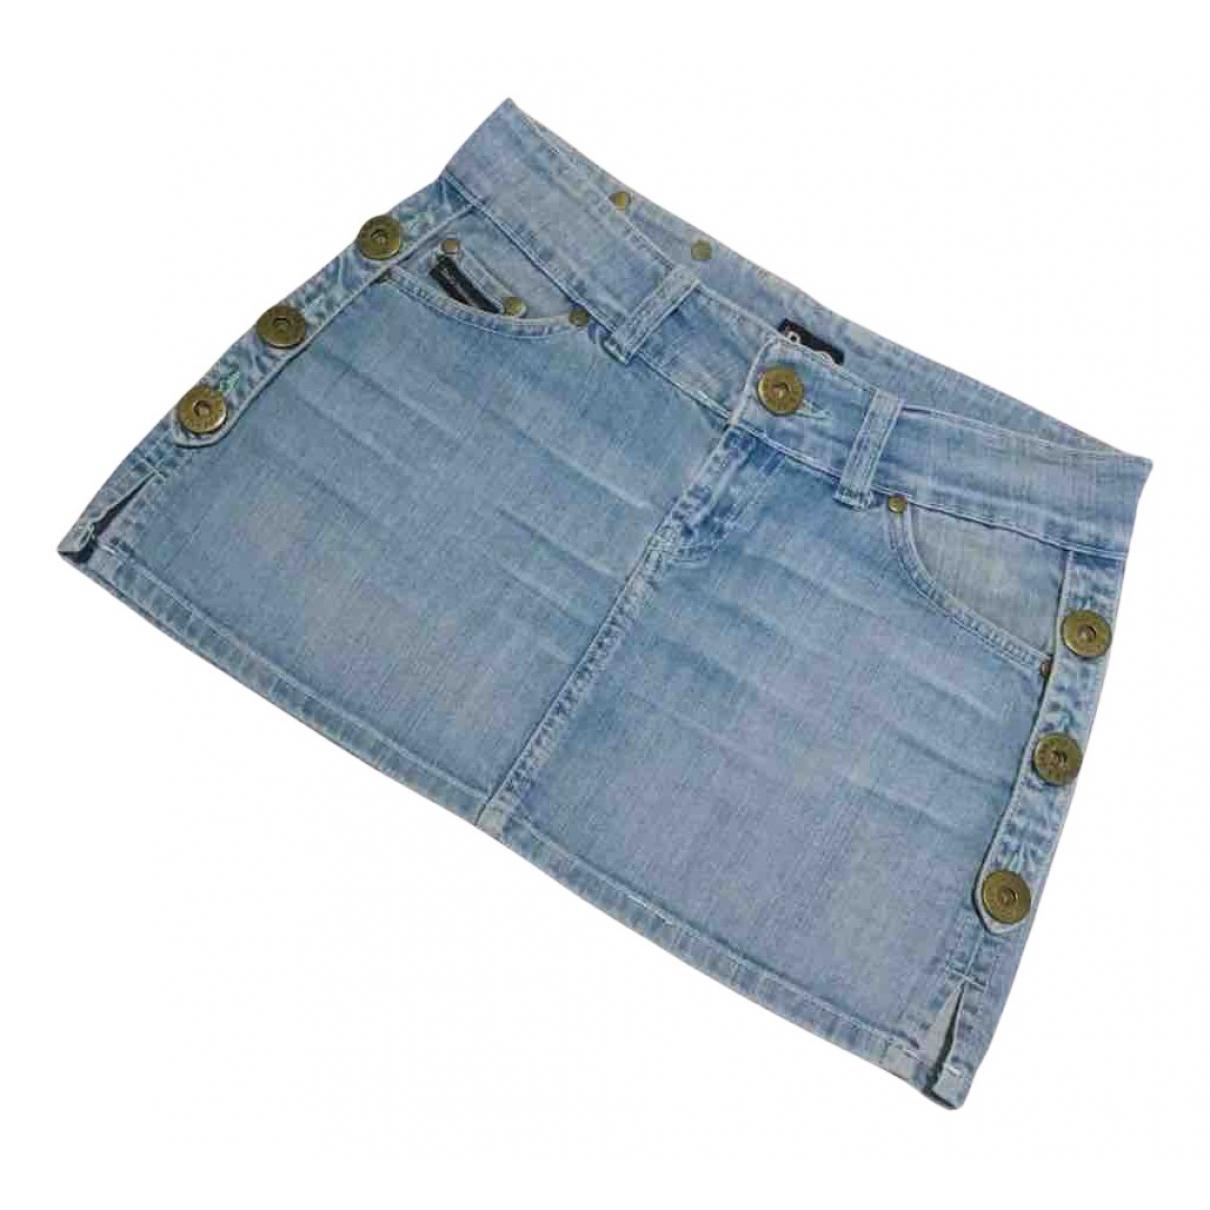 D&g N Blue Denim - Jeans skirt for Women M International